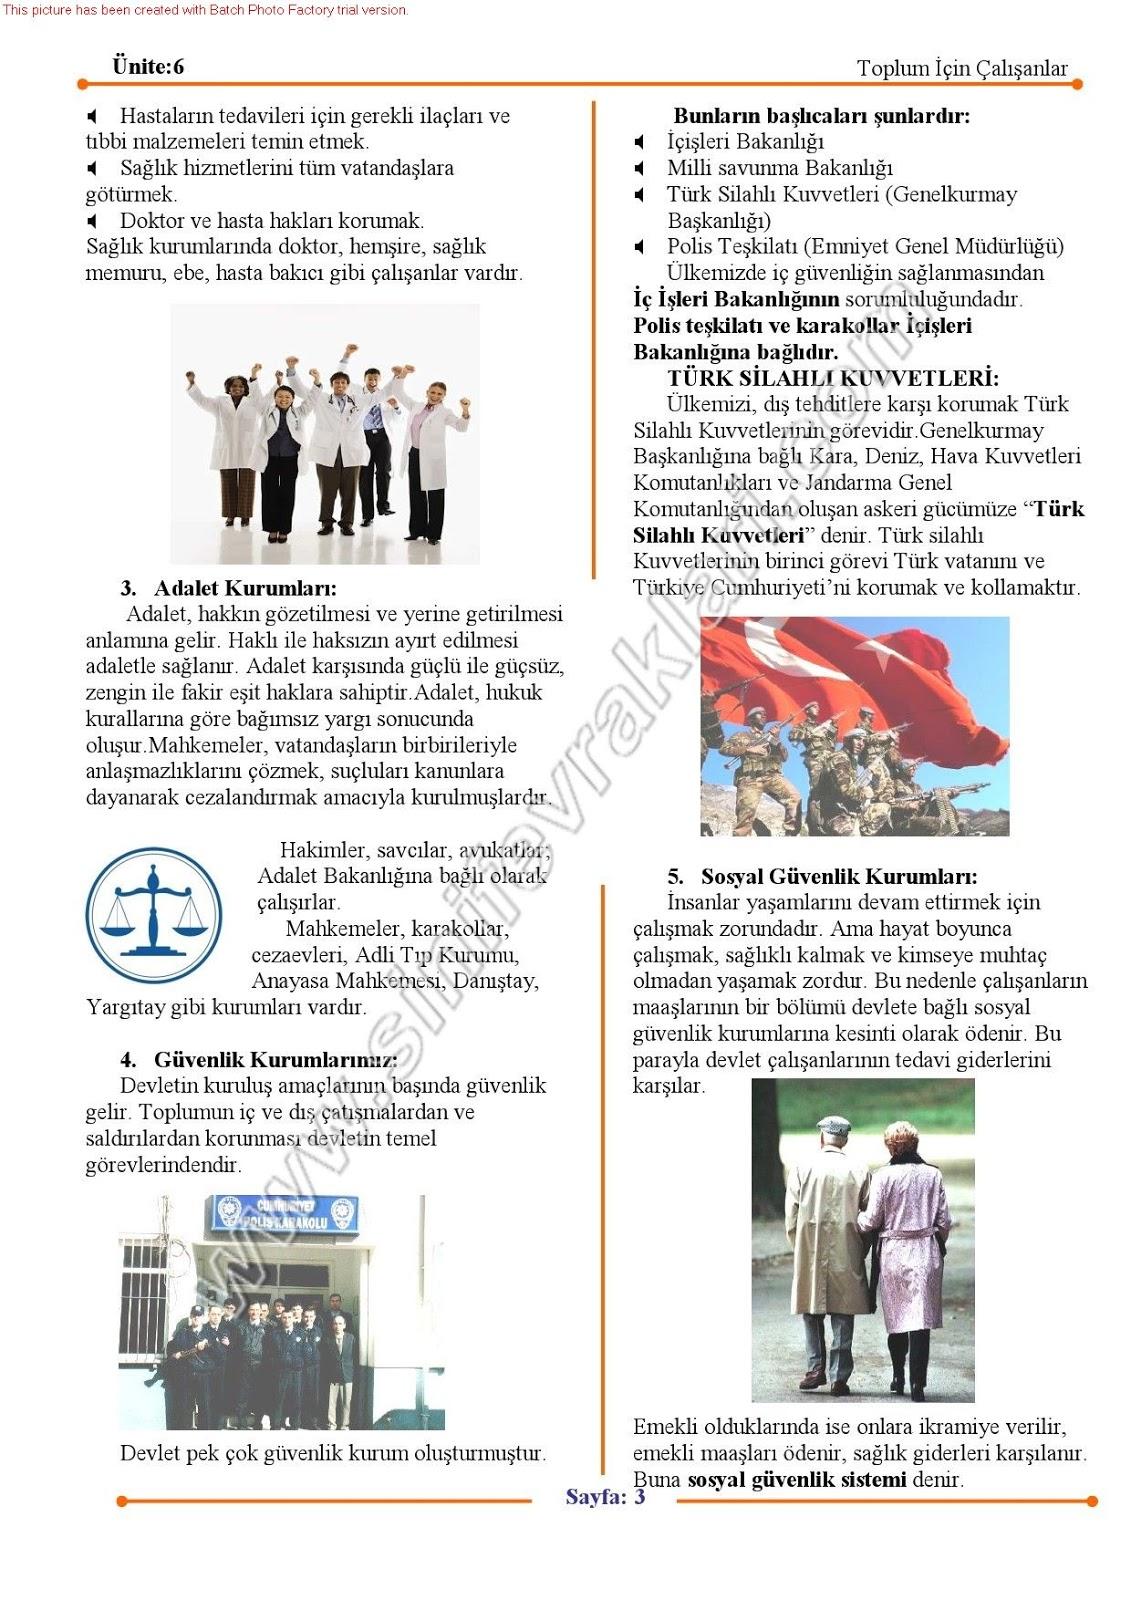 Sınıf sosyal bilgiler 6 ünite toplum için çalışanlar konu